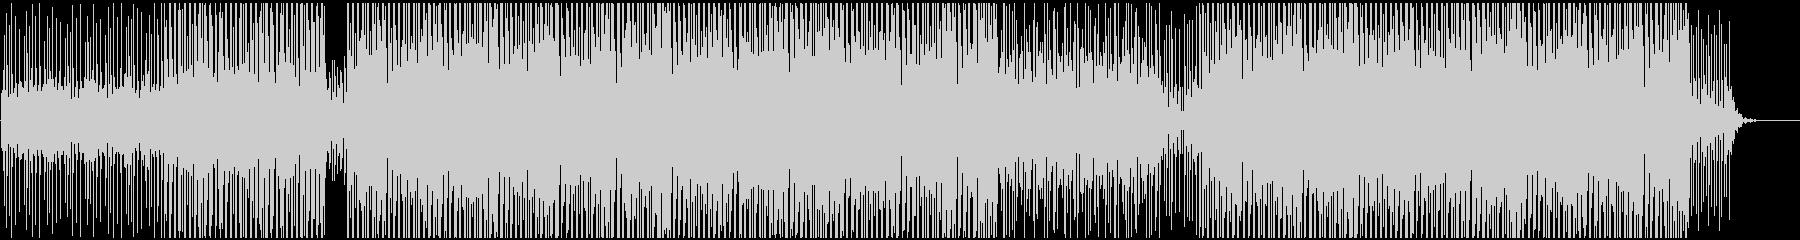 企業VPや映像に 適度なEDM風の音使いの未再生の波形